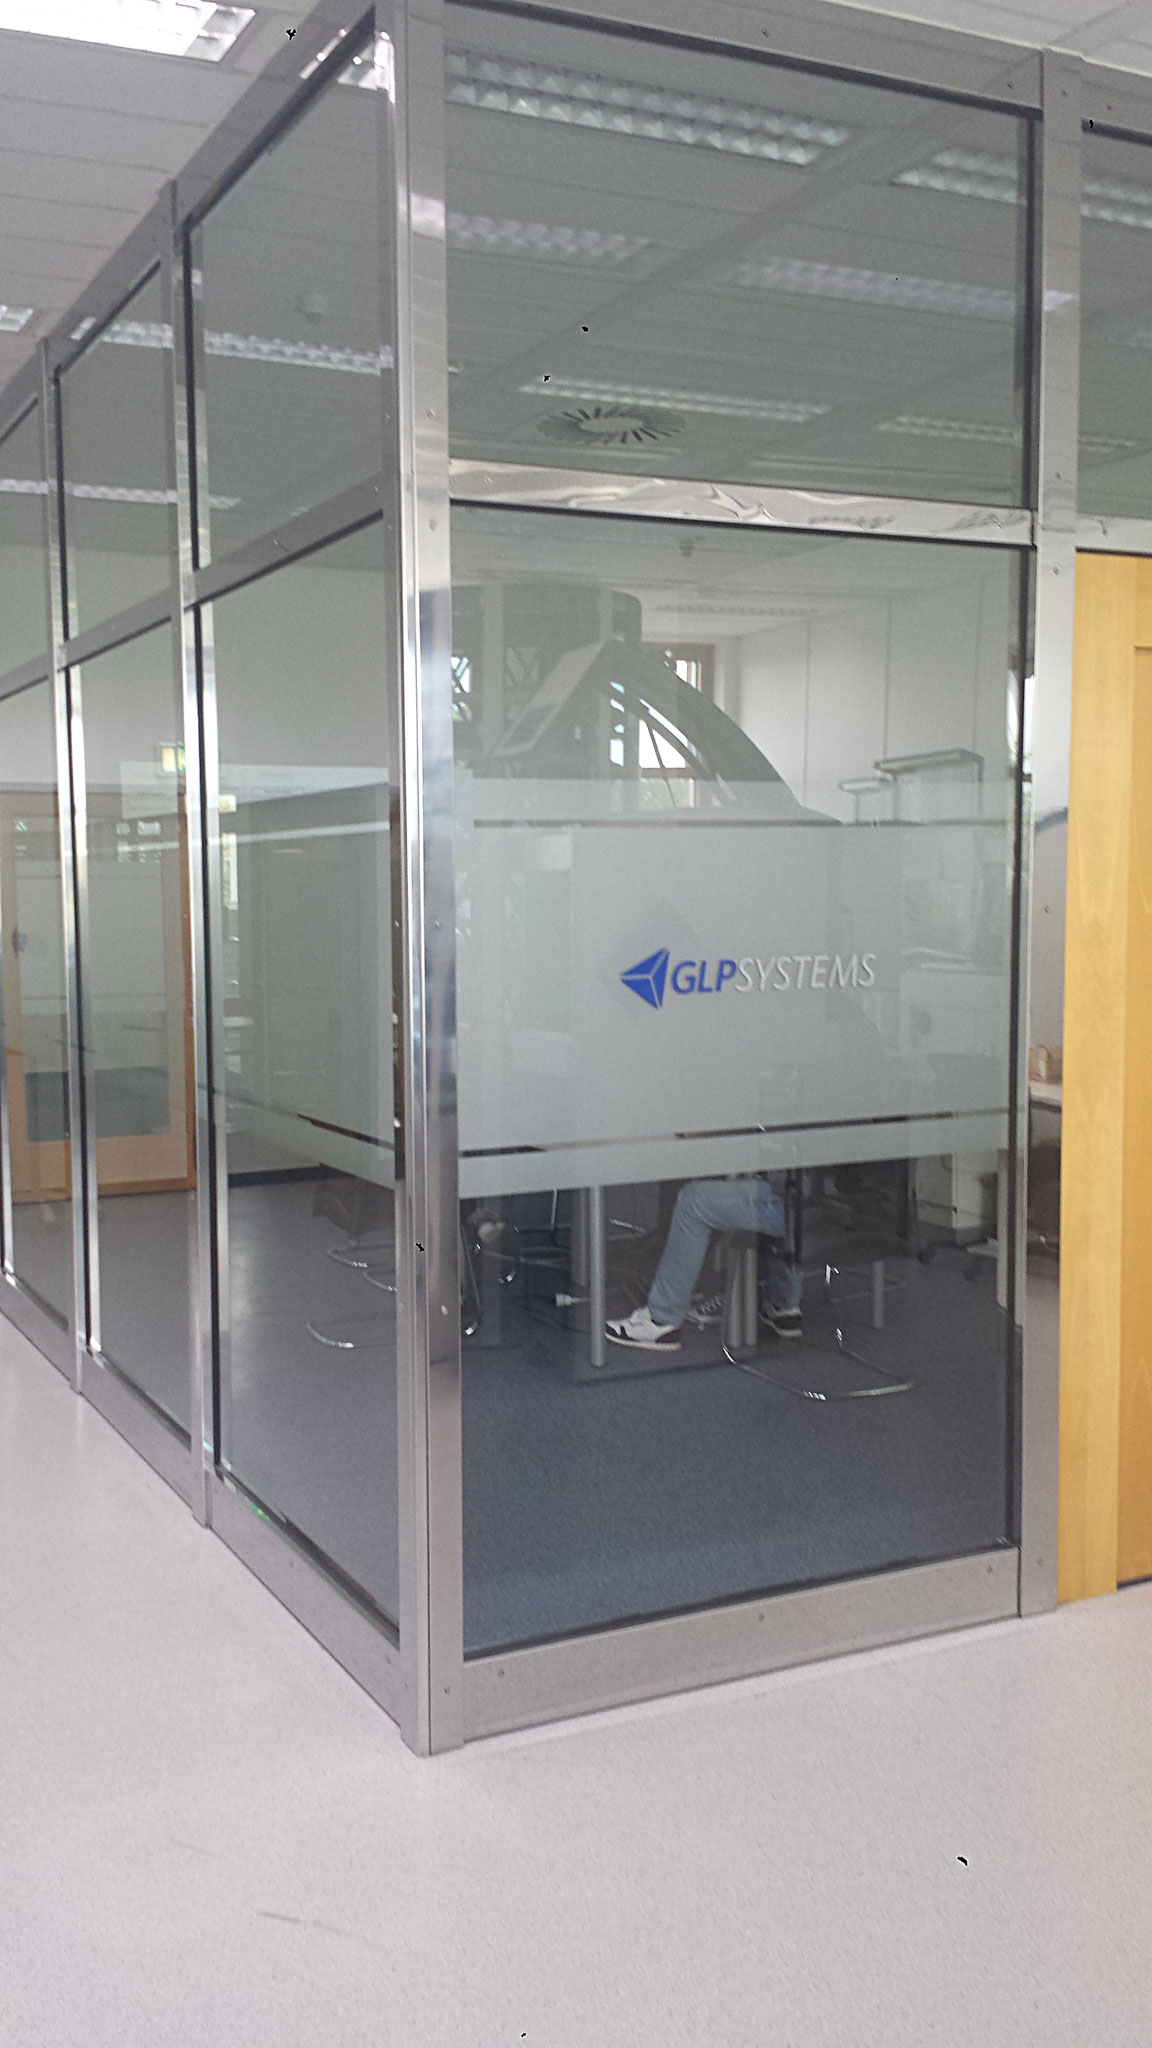 Sichtschutz für Besprechungsraum